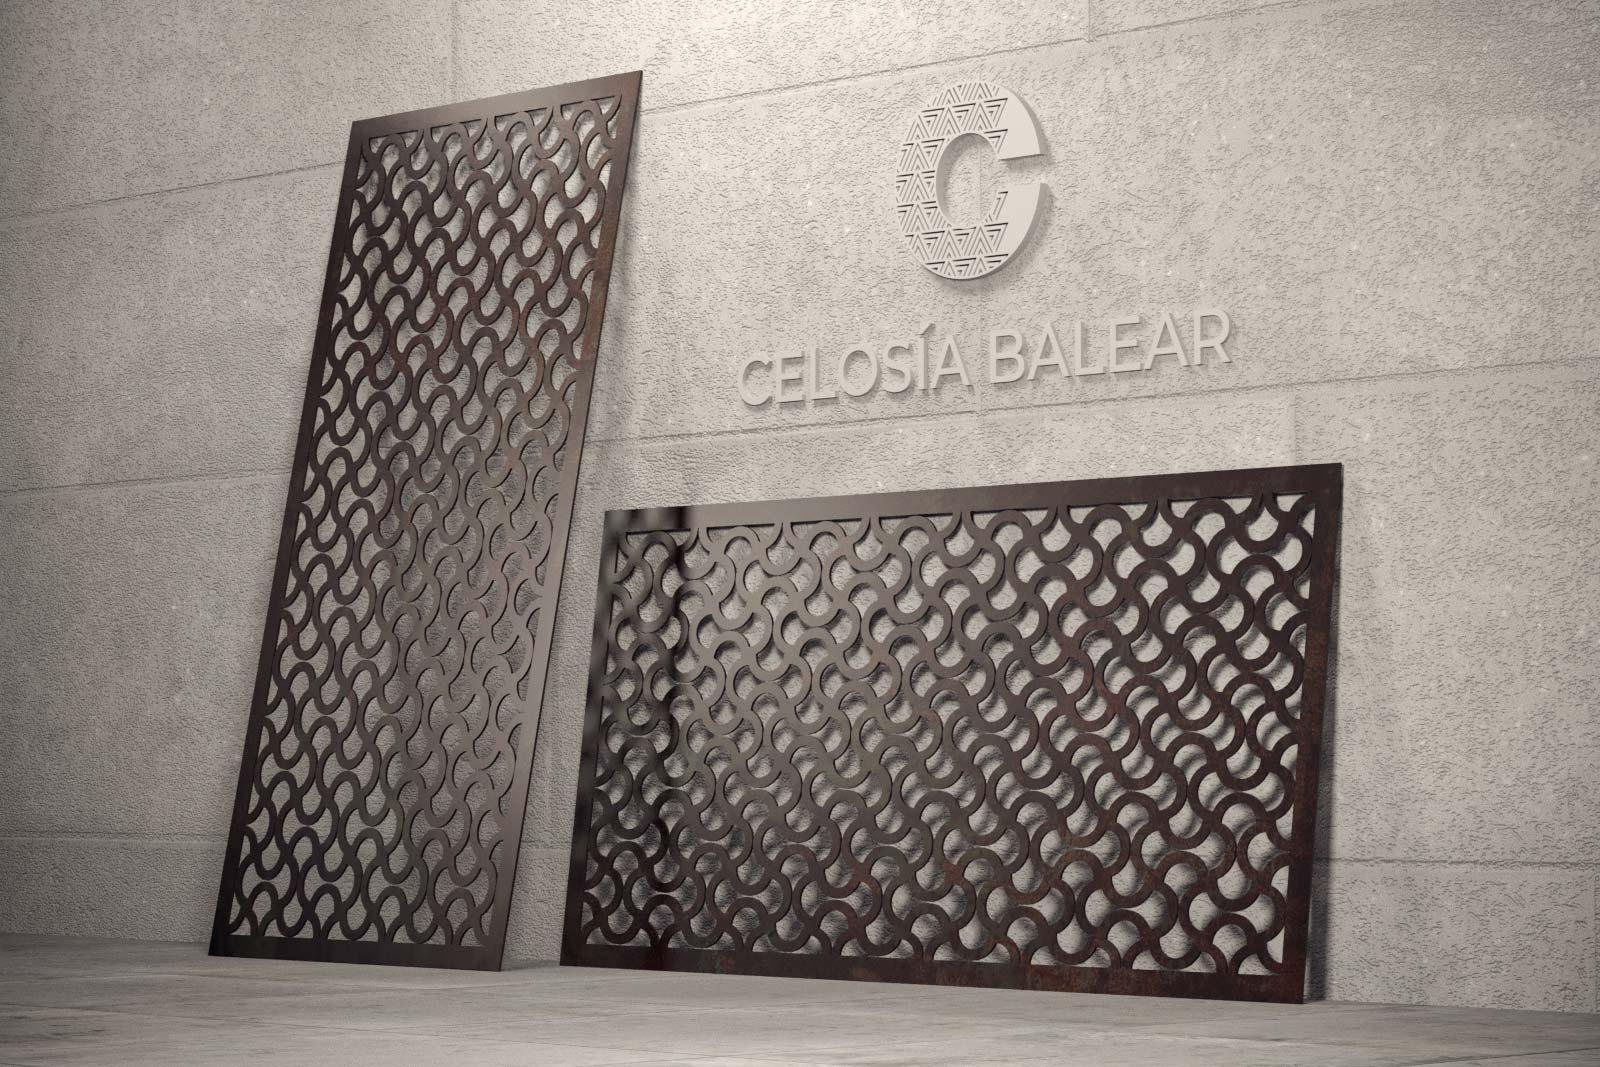 celosías metálicas con estilo vintage en Baleares